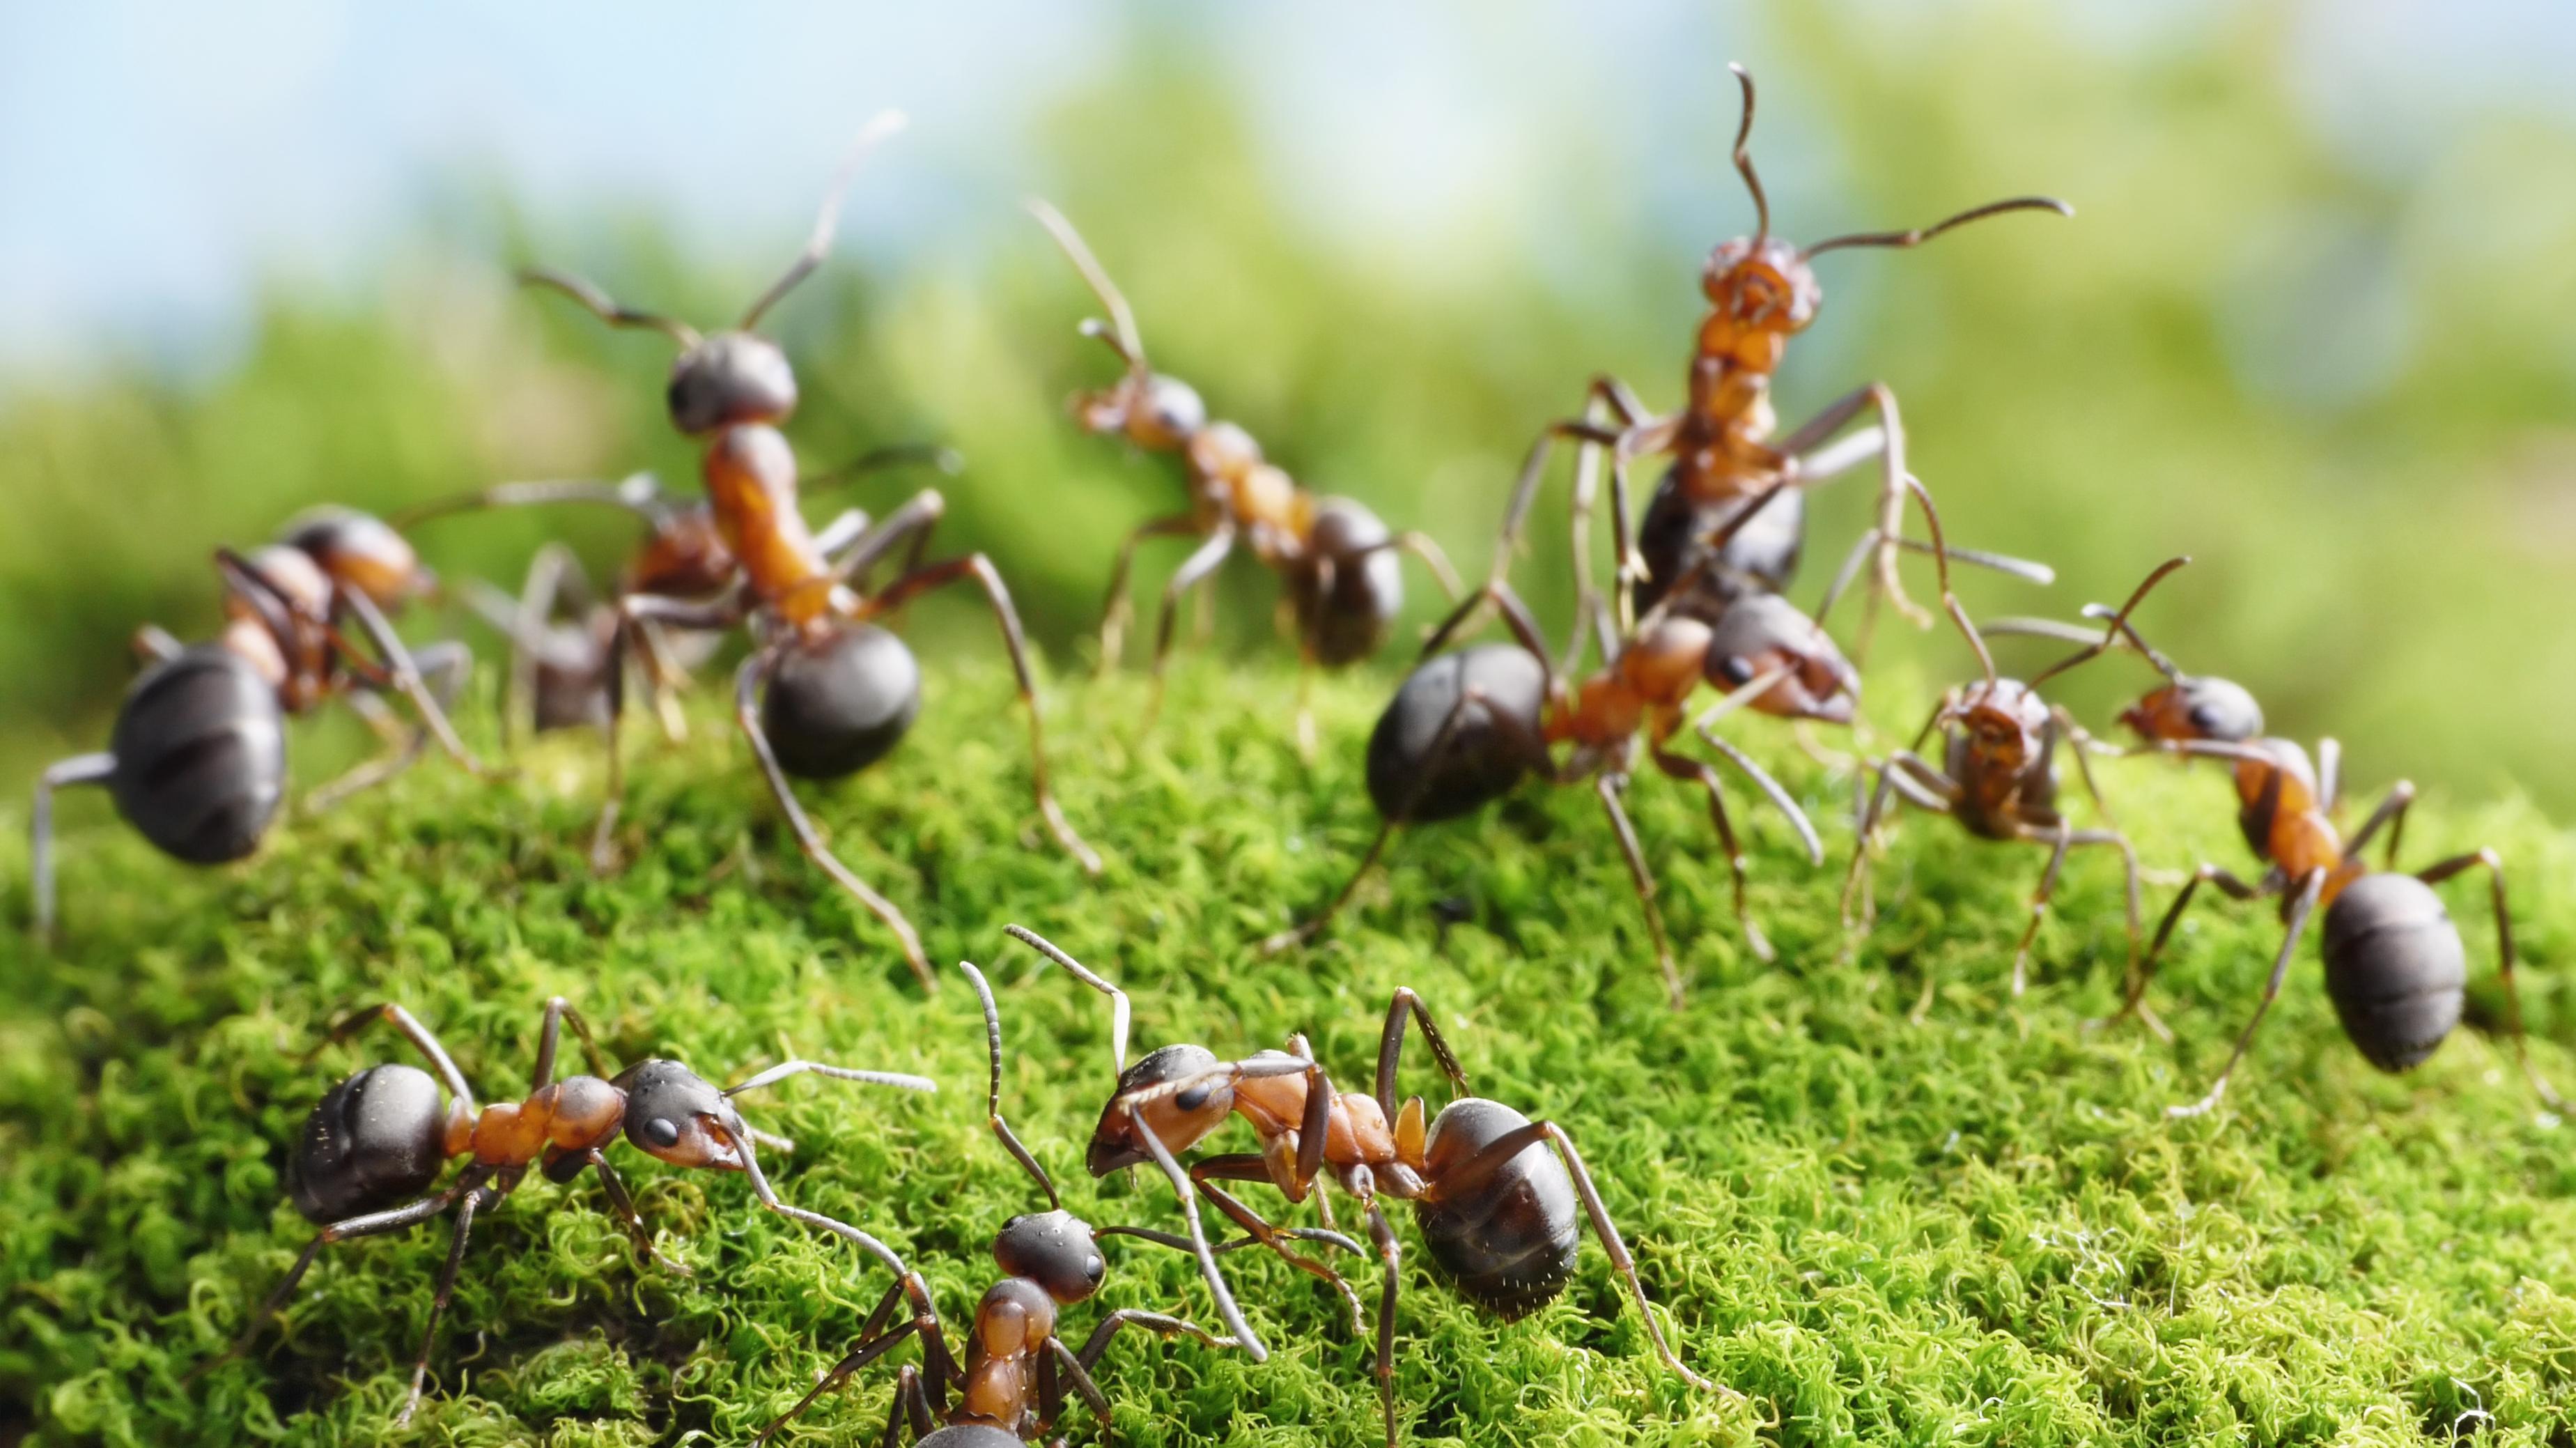 myrer.jpg